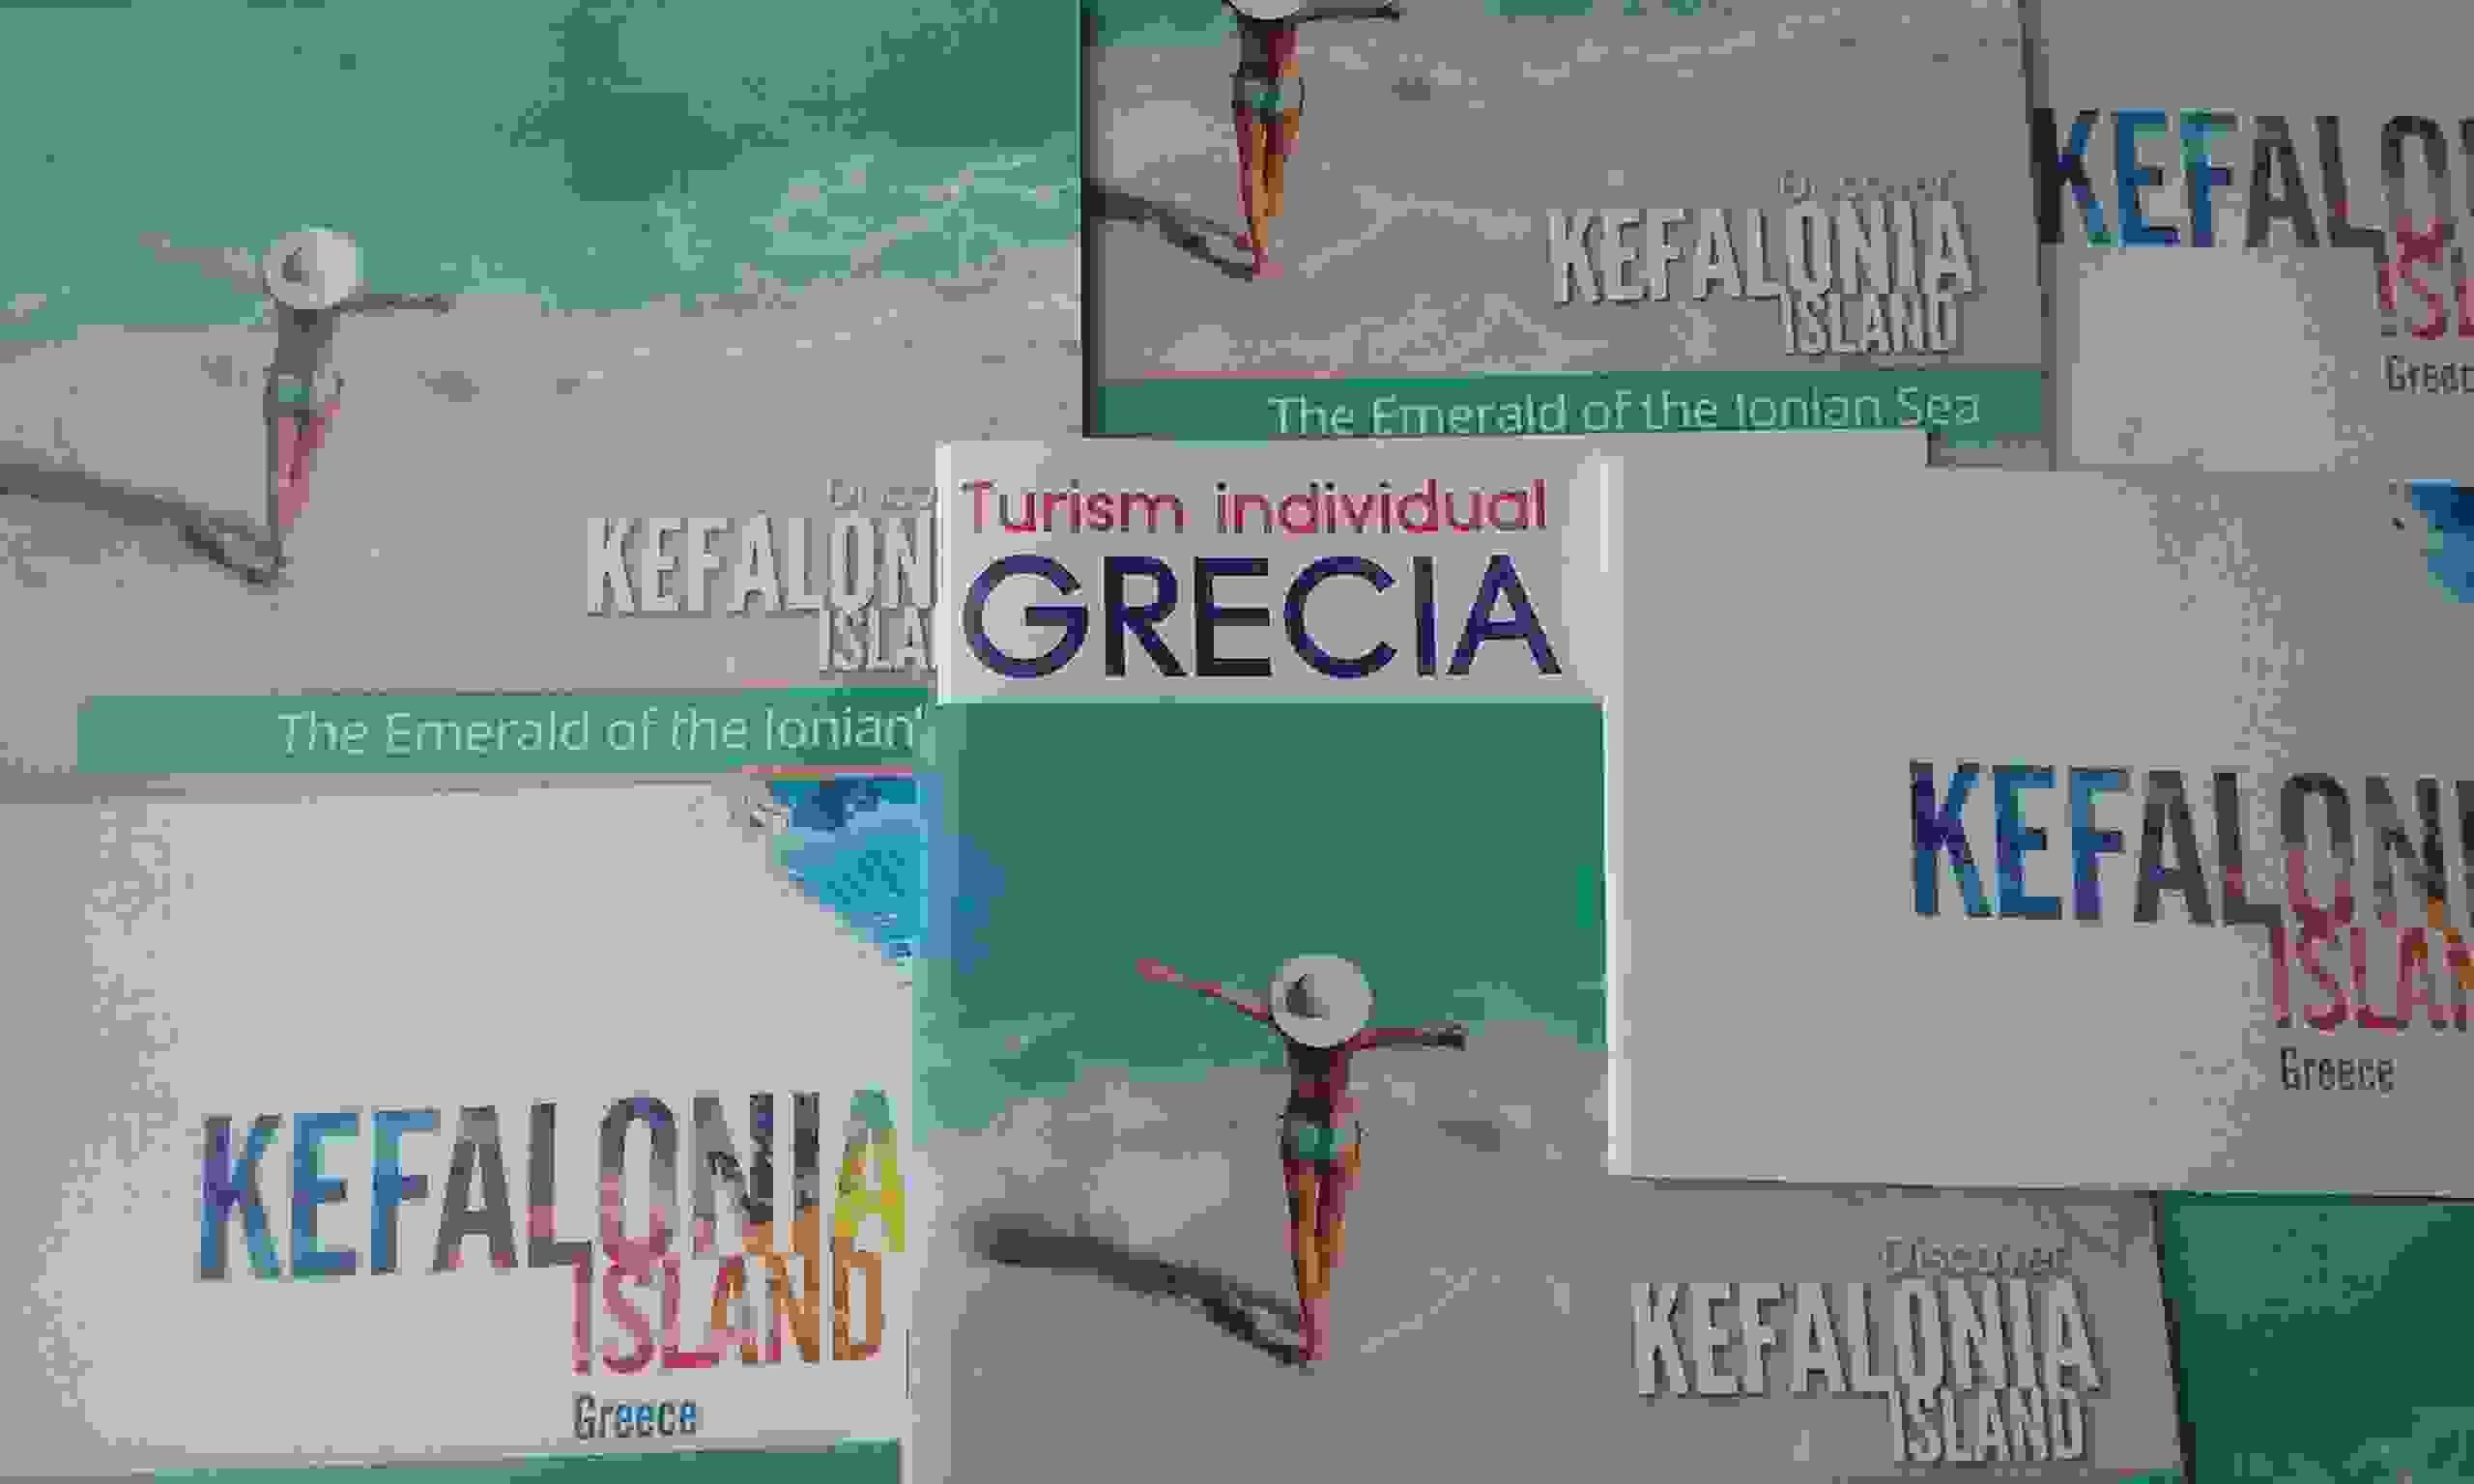 Η Κεφαλονιά στη Διεθνή Έκθεση Τουρισμού της Ρουμανίας-η Κεφαλονιά για δεύτερη συνεχή χρόνια δείχνει έμπρακτα το ενδιαφέρον της για να υποδεχθεί ακομα περισσοτερους Ταξιδιώτες και από τα Βαλκάνια .